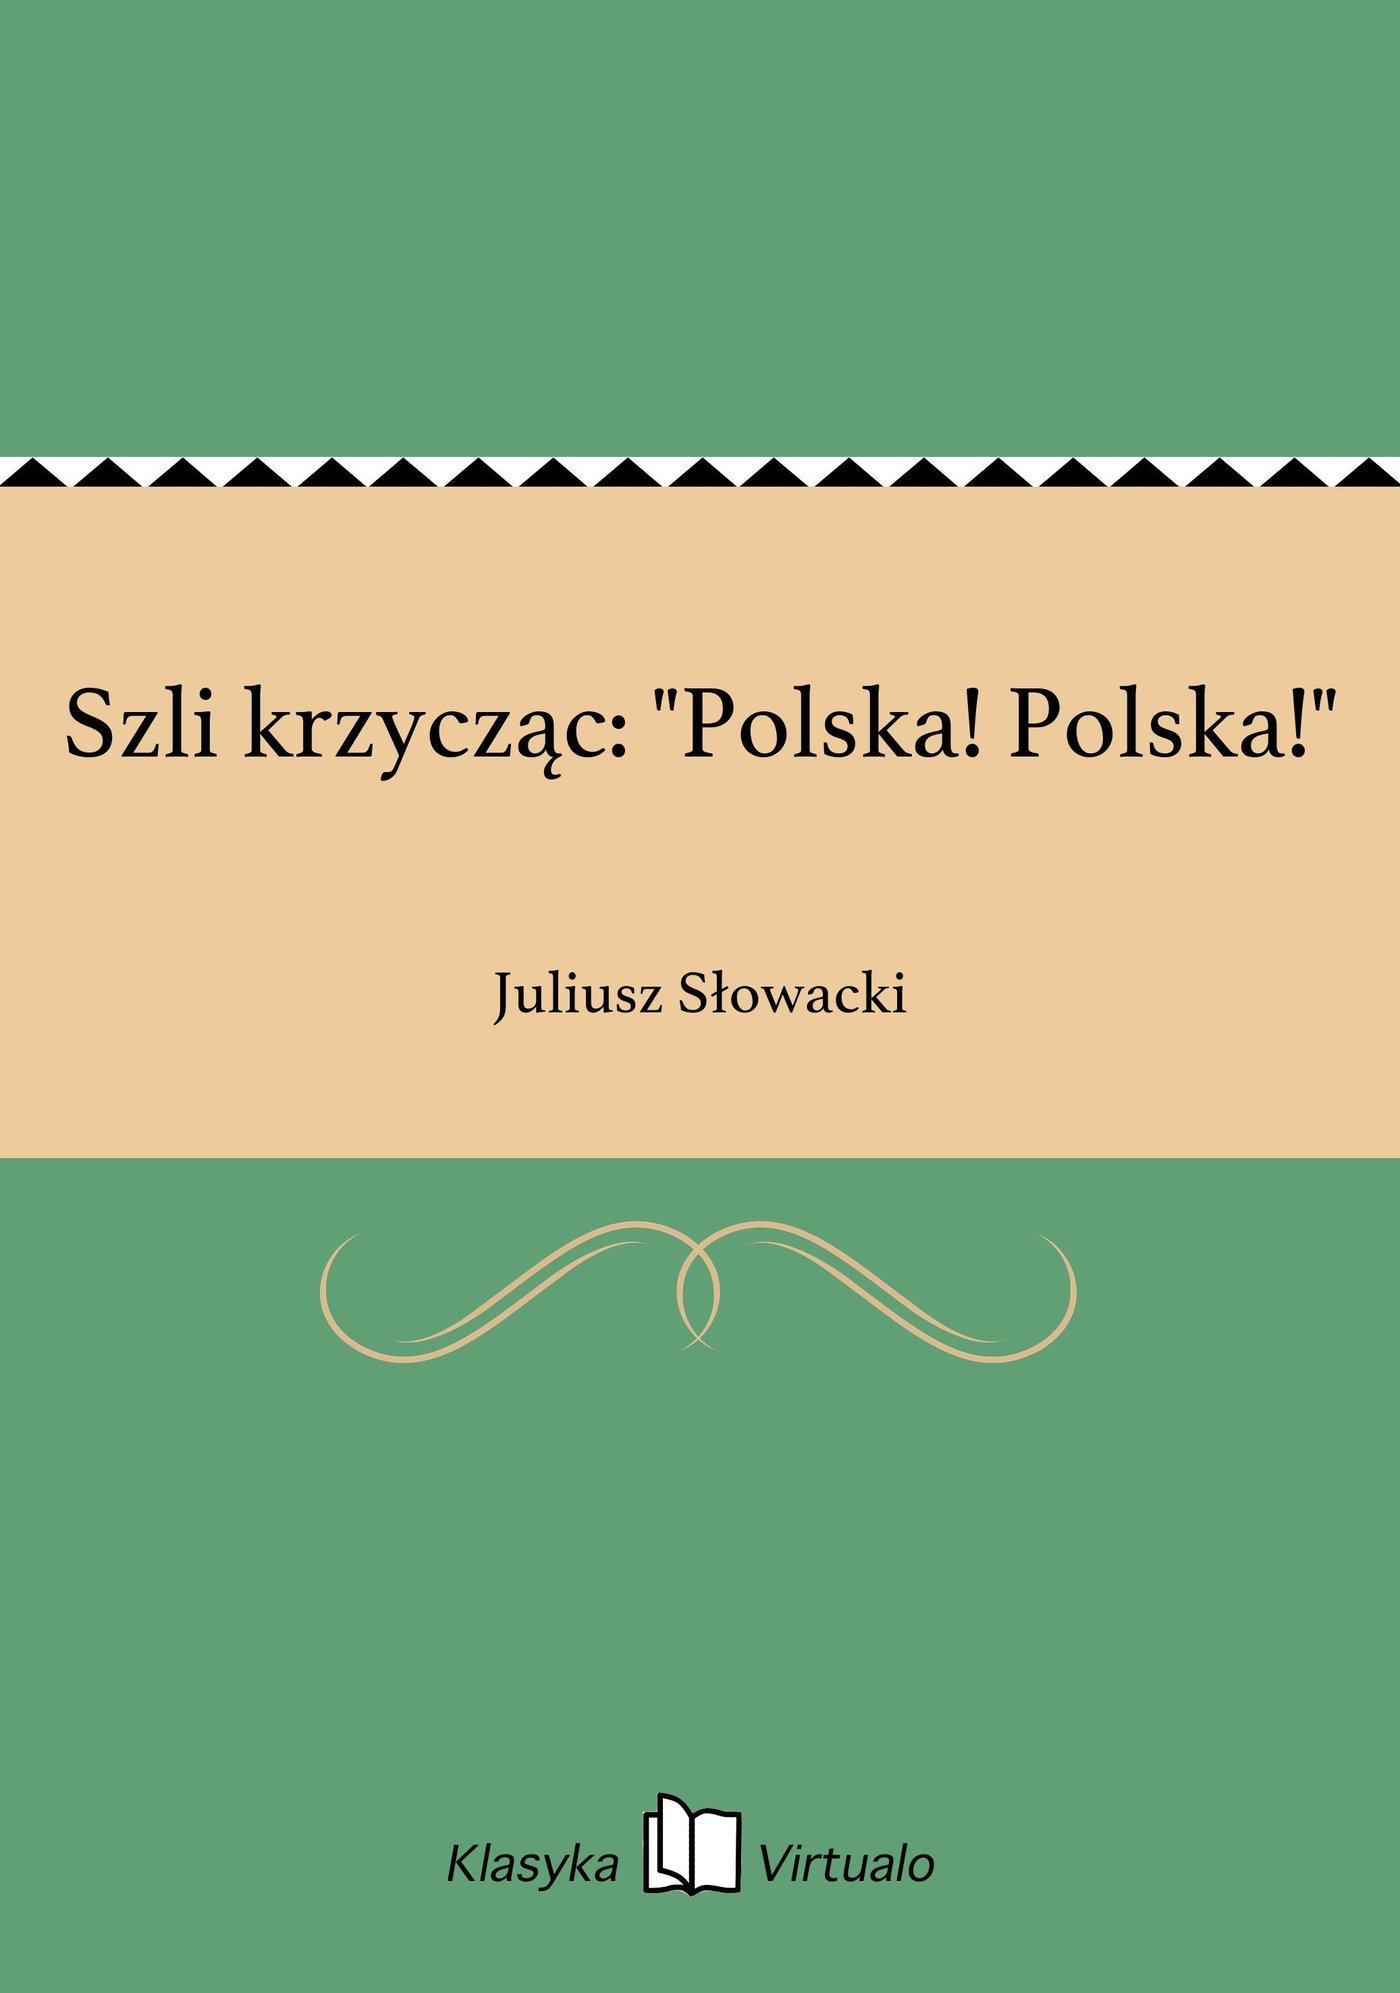 """Szli krzycząc: """"Polska! Polska!"""" - Ebook (Książka EPUB) do pobrania w formacie EPUB"""